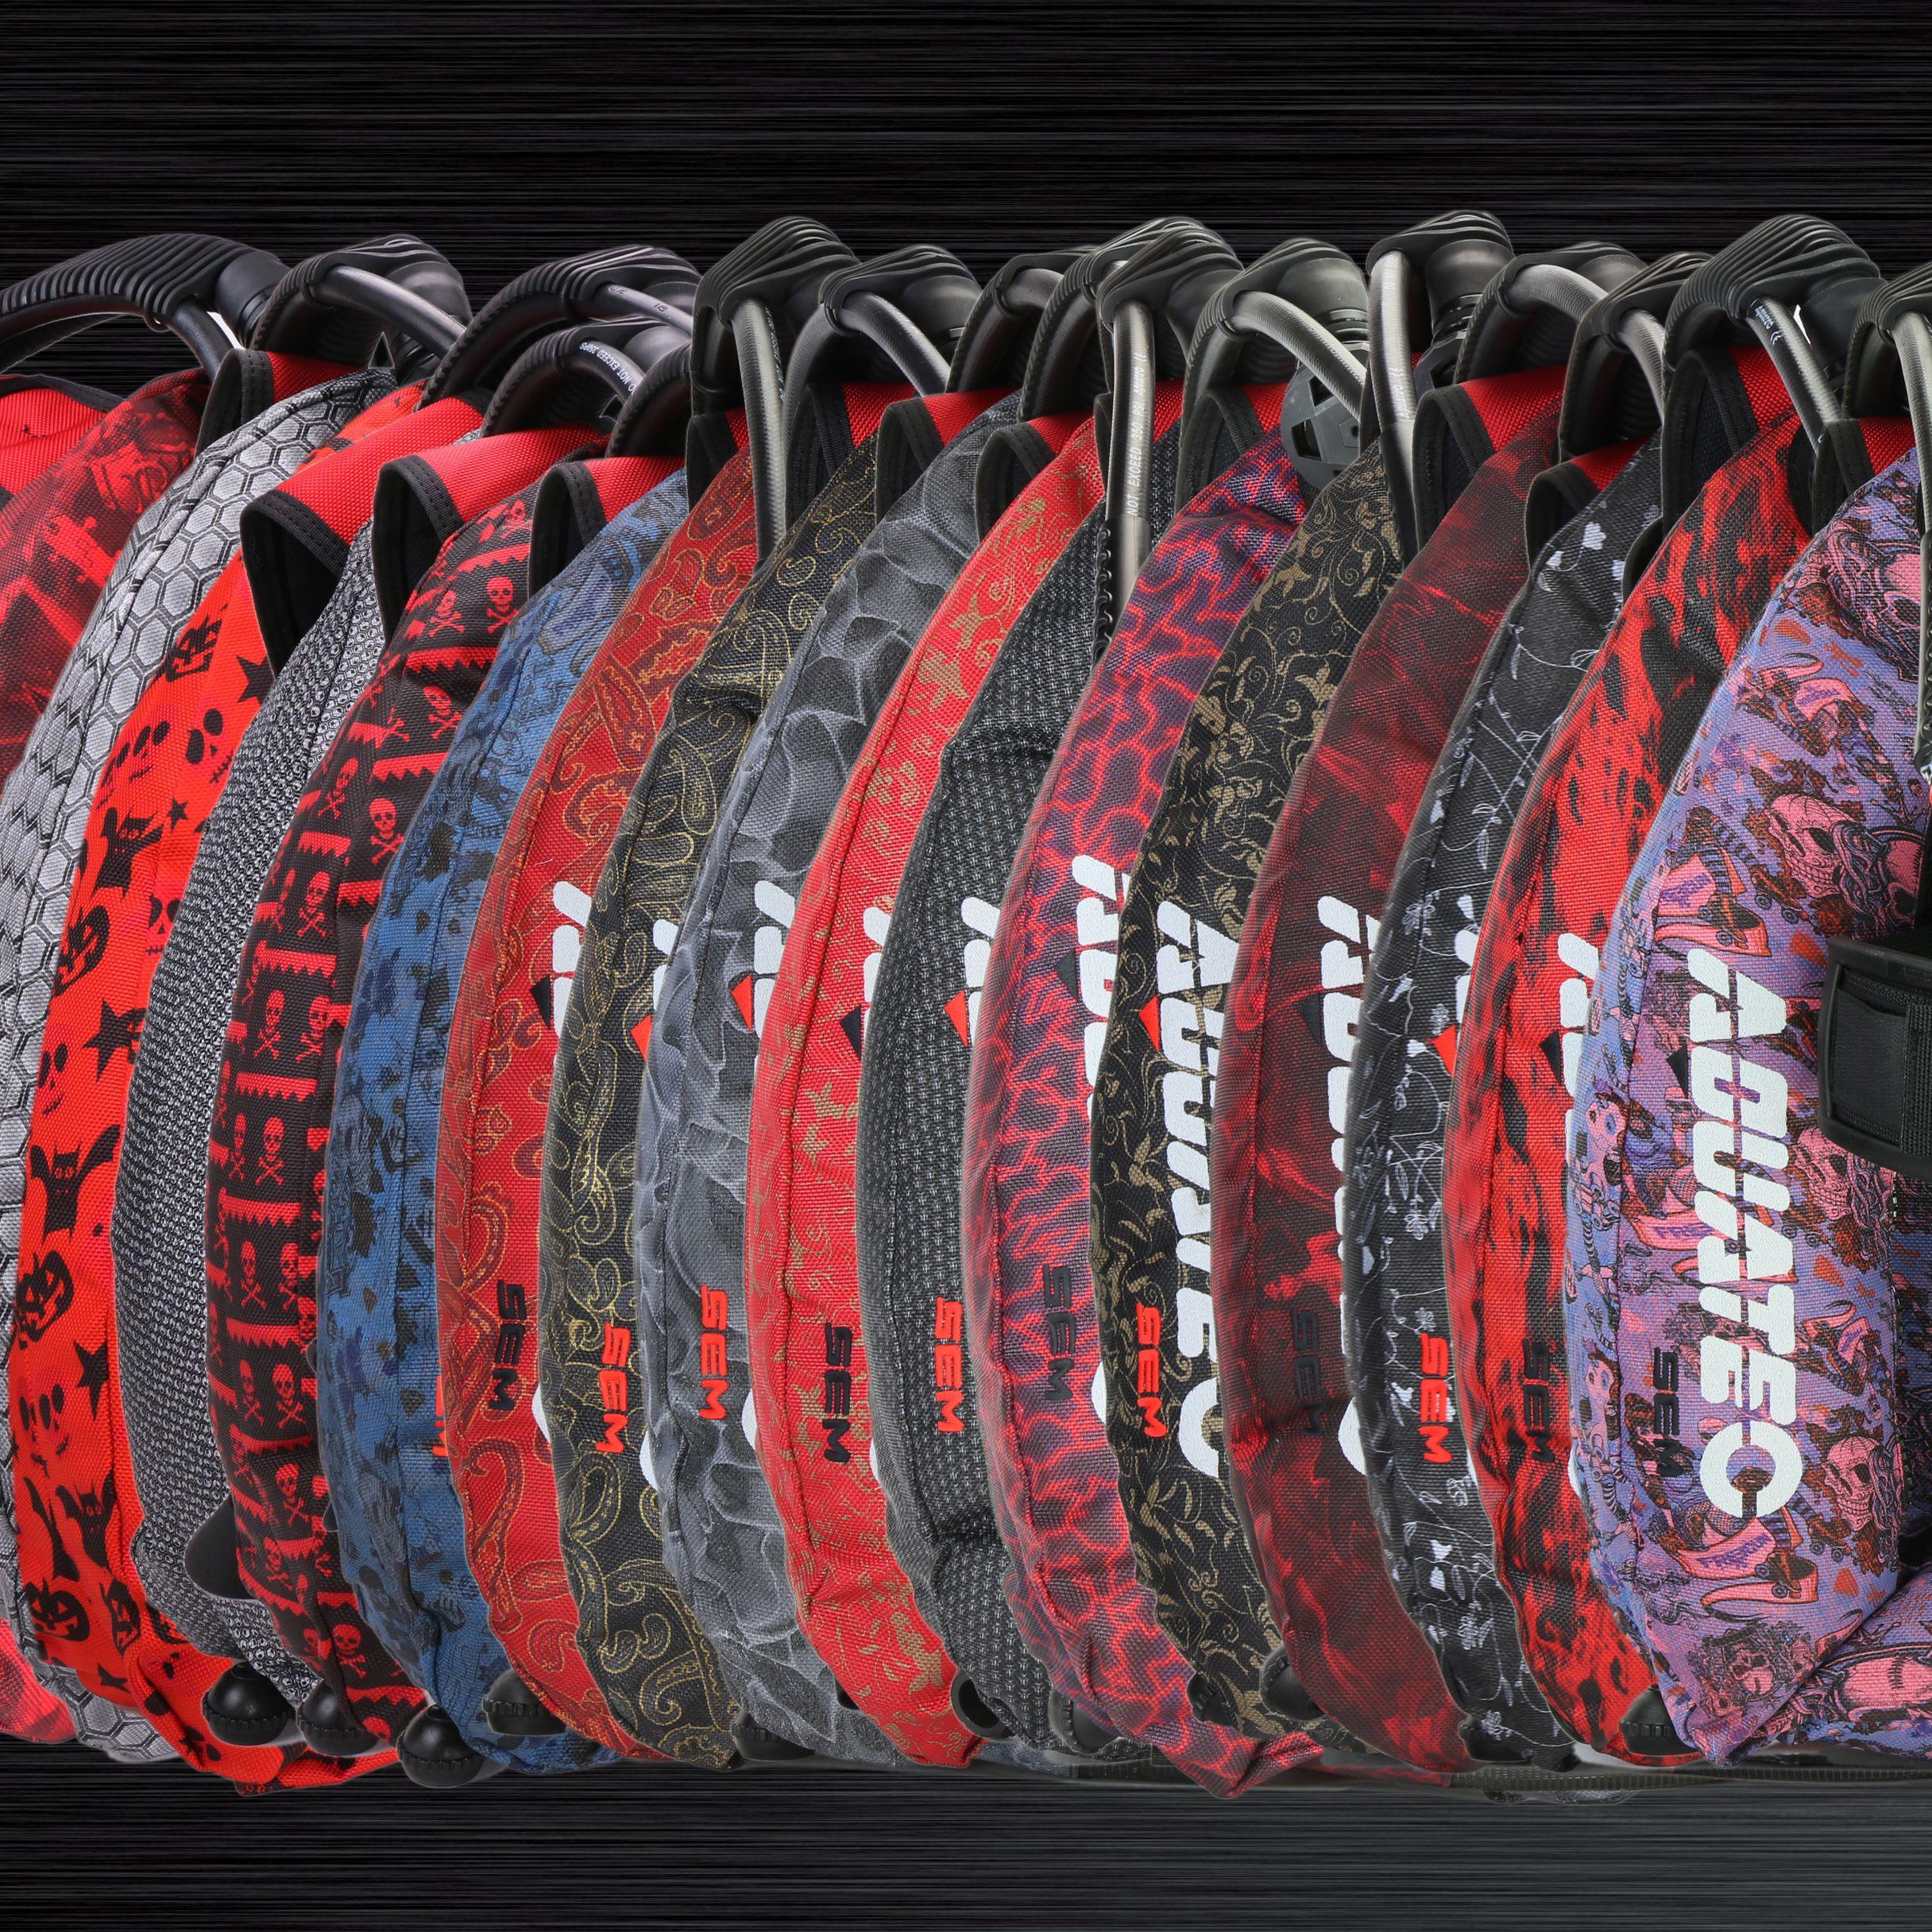 Aquatec värikäs valjaat mono valtameren siipi paketti - Aquatec värikäs valjaat mono valtameren siipi